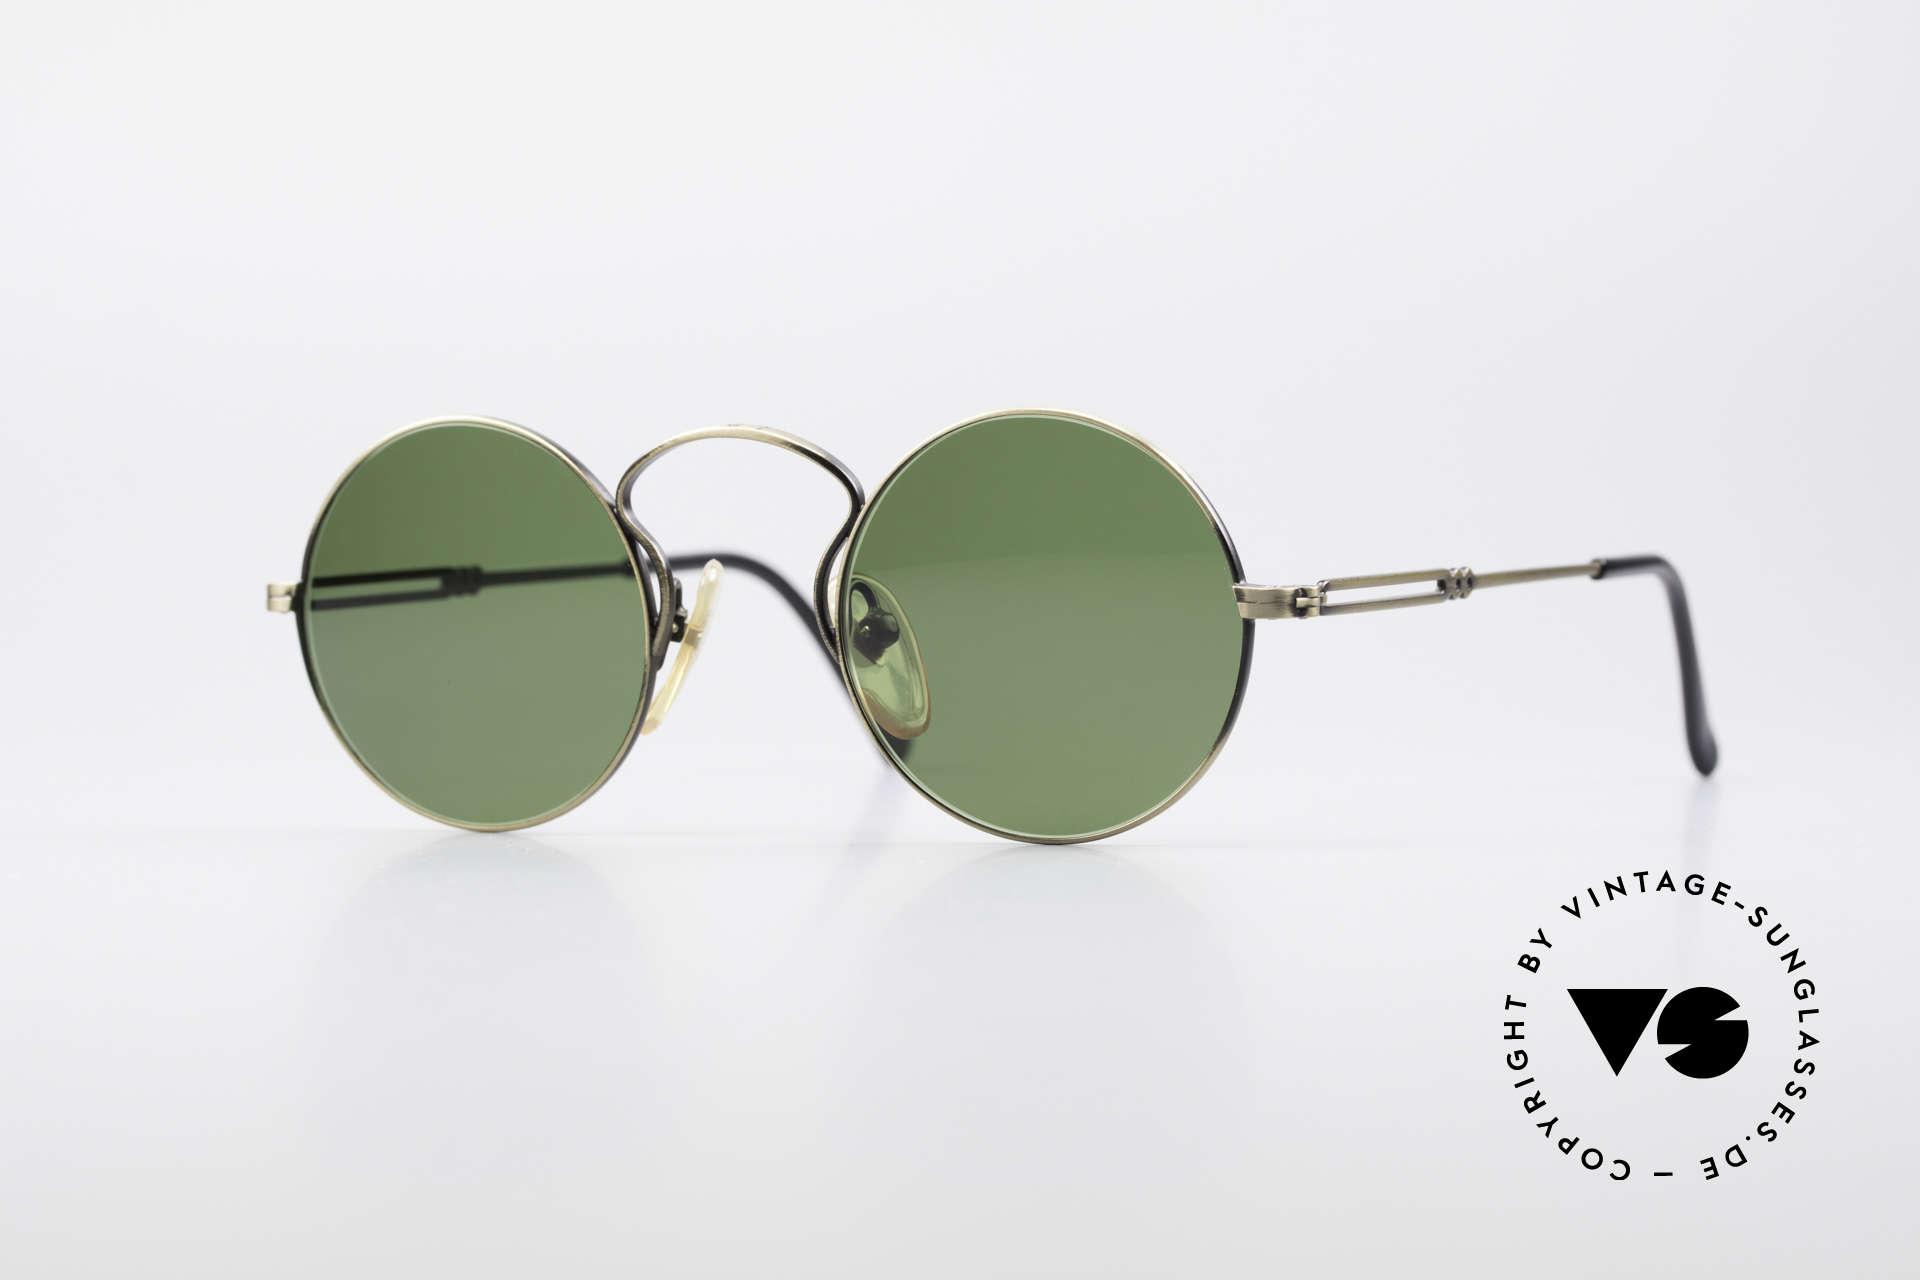 Jean Paul Gaultier 55-0172 90's Designer Sunglasses, designer sunglasses by Jean Paul Gaultier from 1994, Made for Men and Women